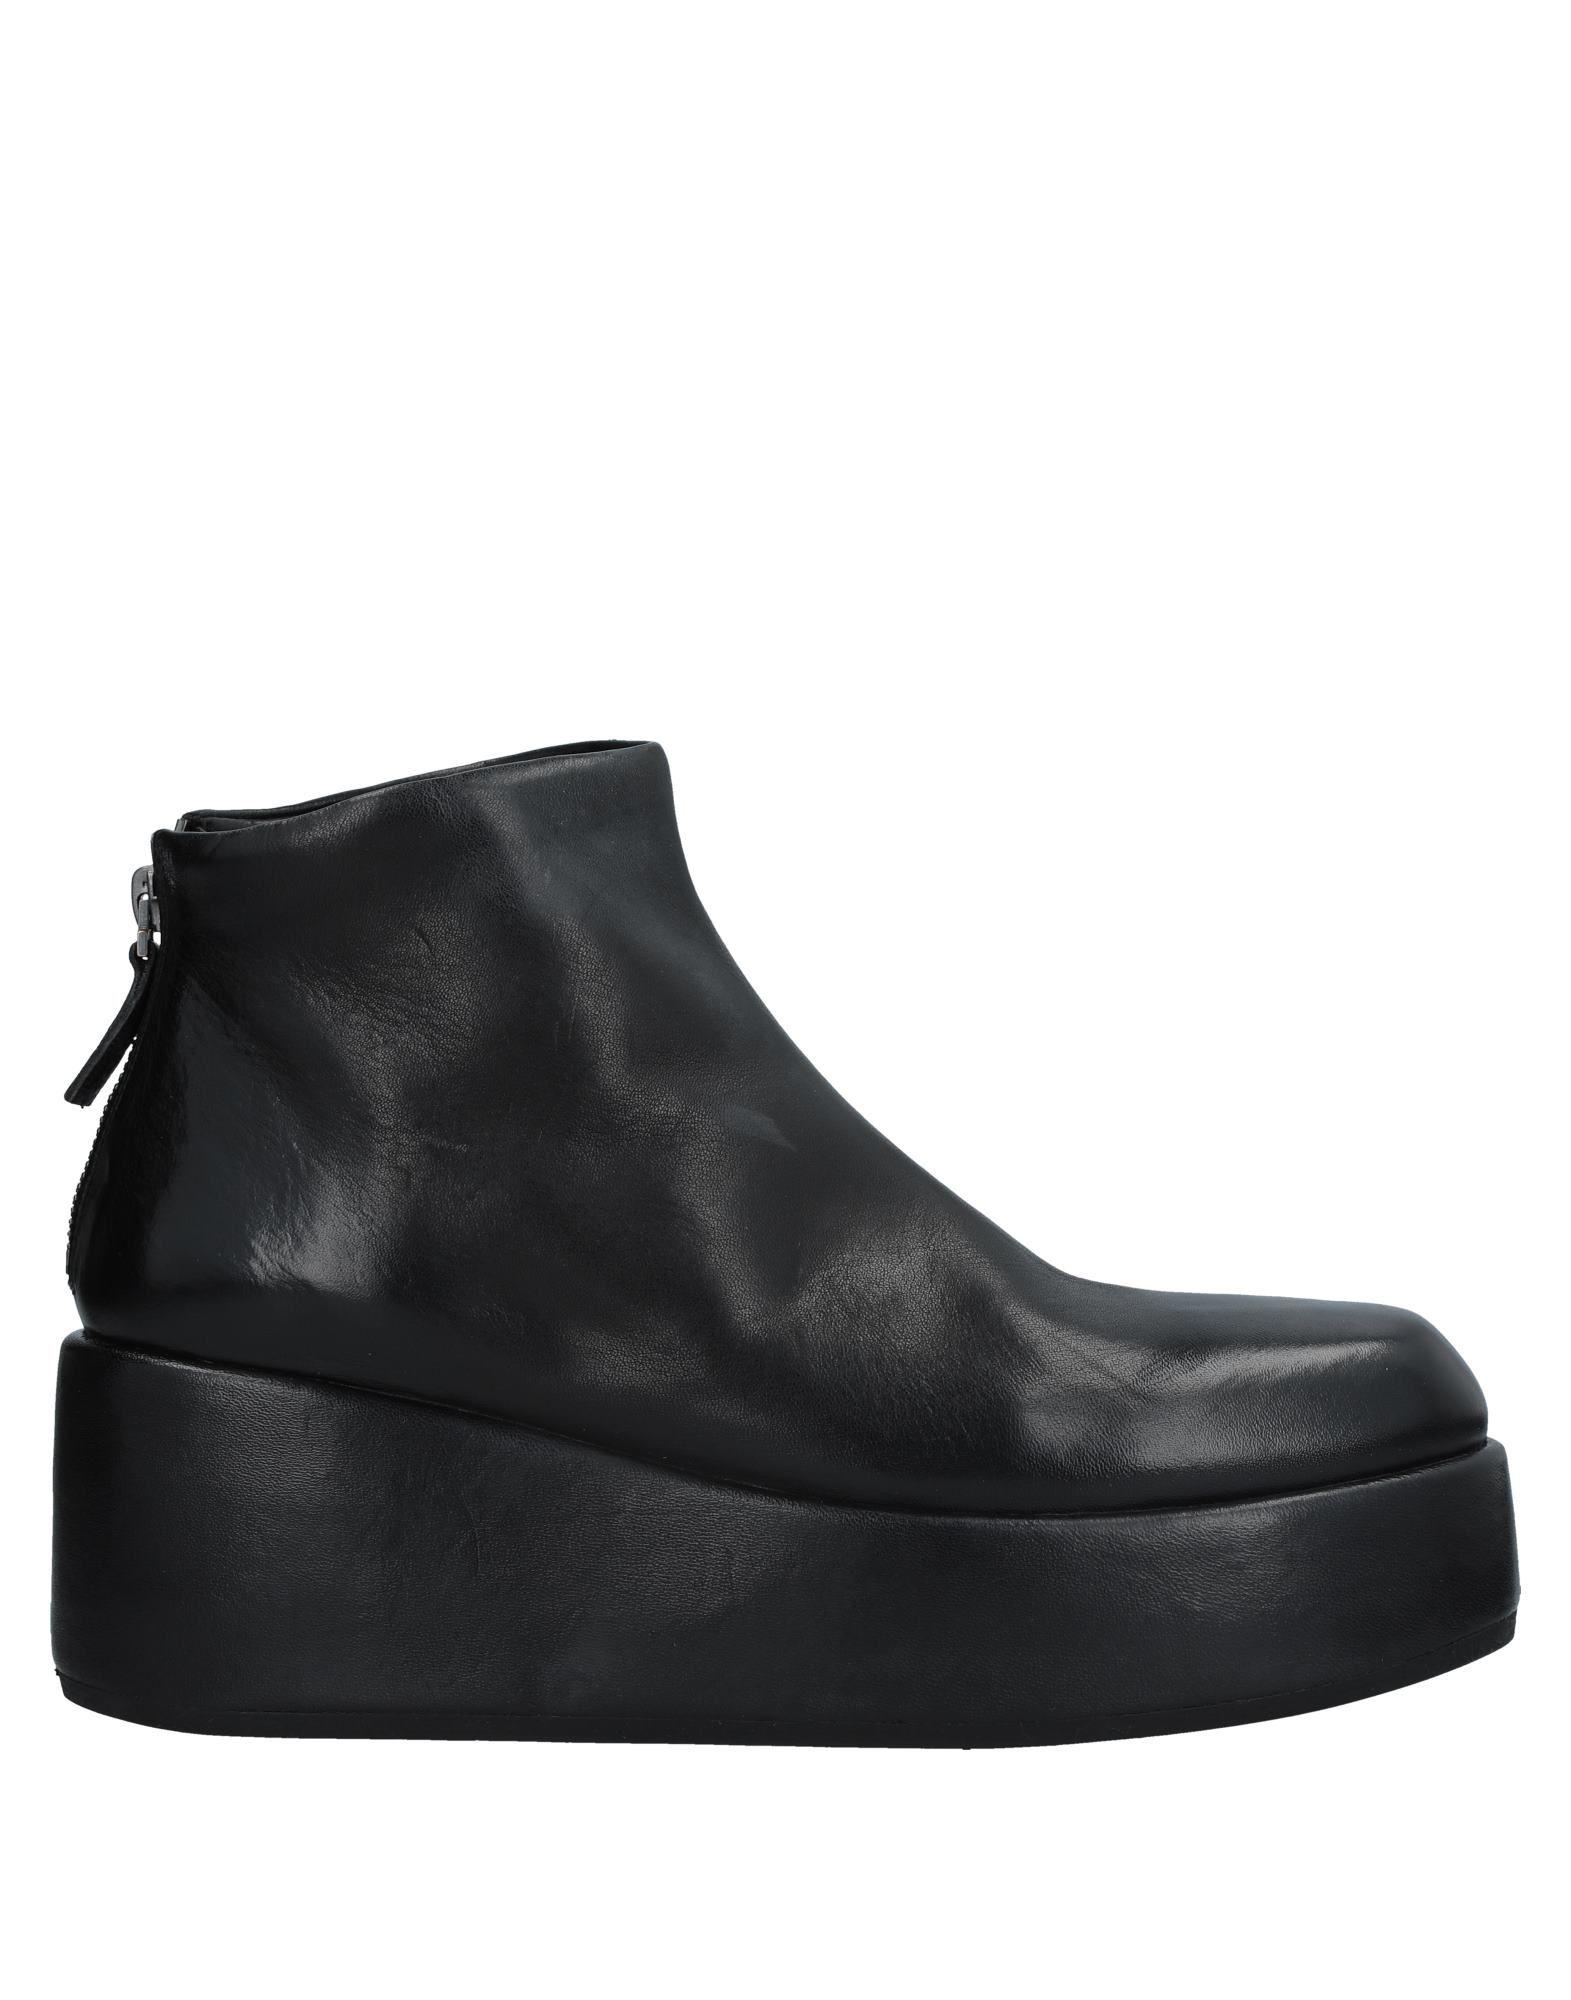 Marsèll Stiefelette Damen  11529847RXGünstige gut aussehende Schuhe